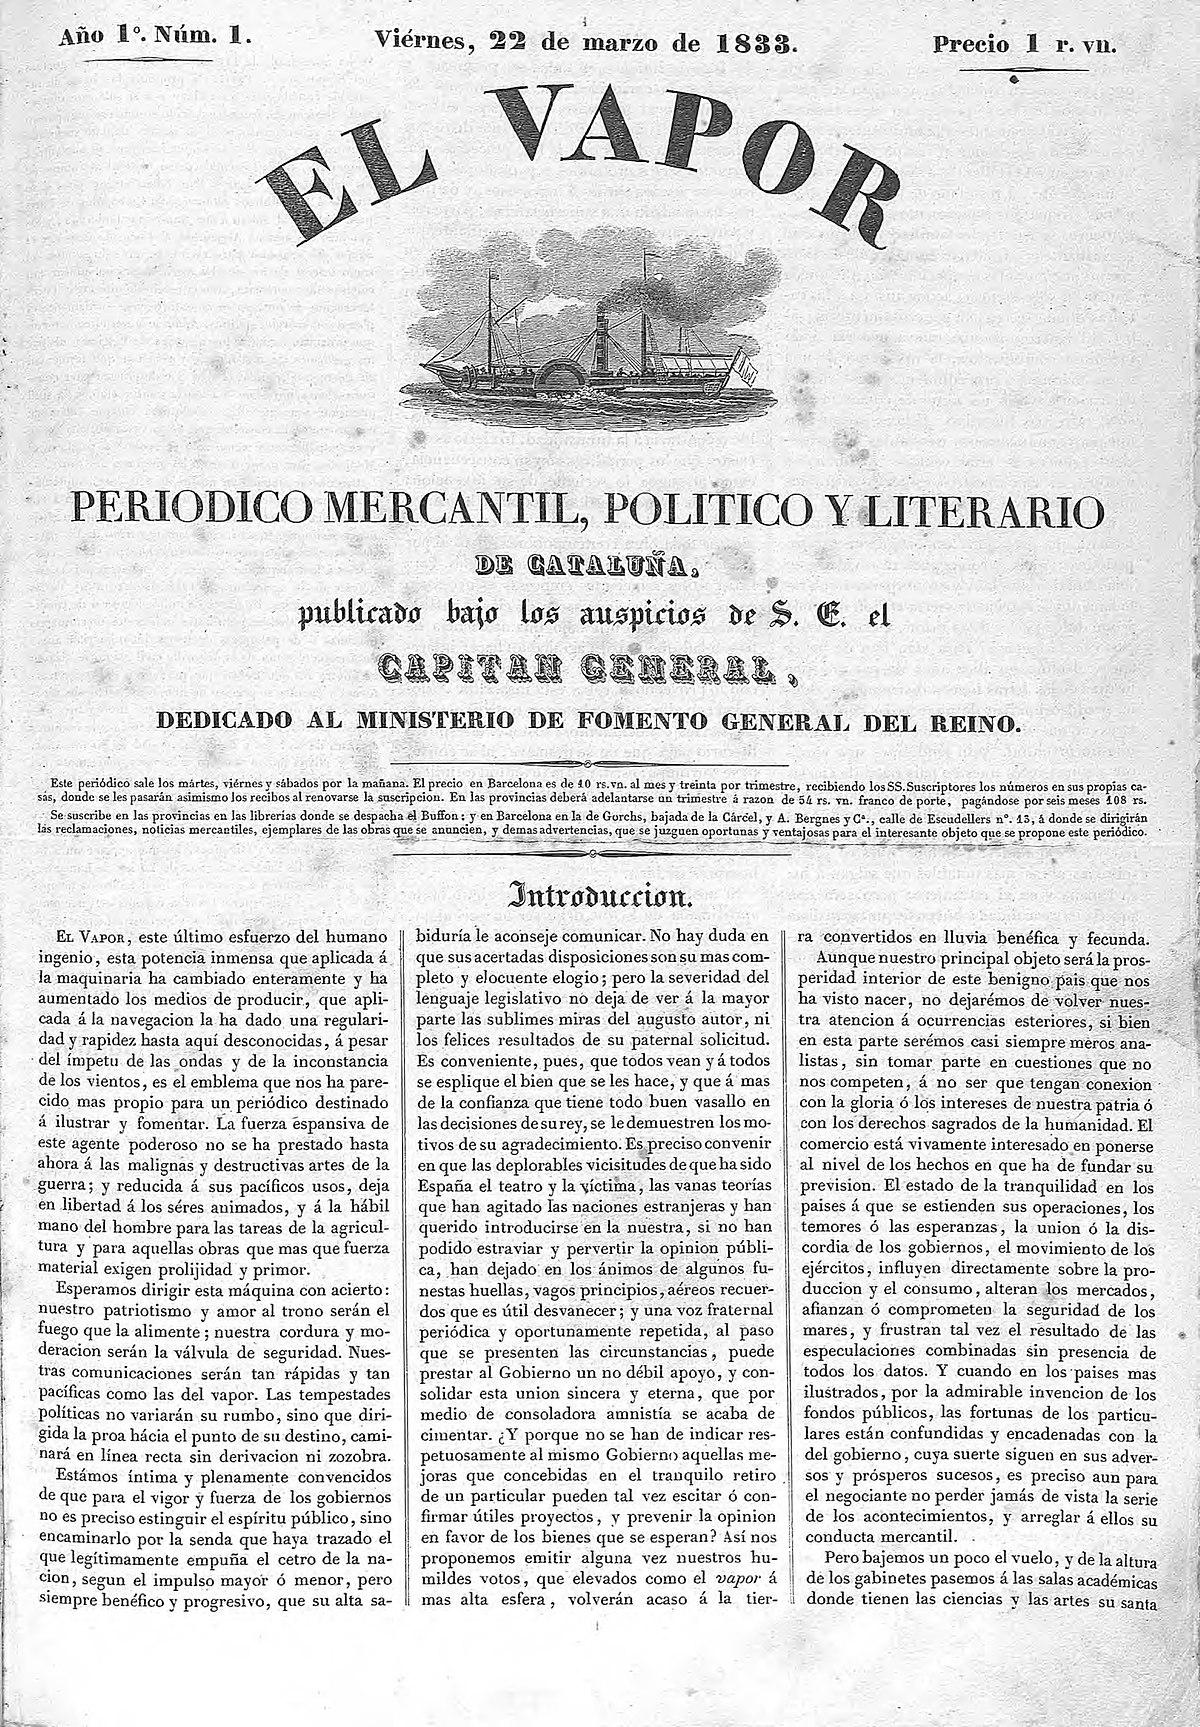 El Vapor (periódico) - Wikipedia, la enciclopedia libre